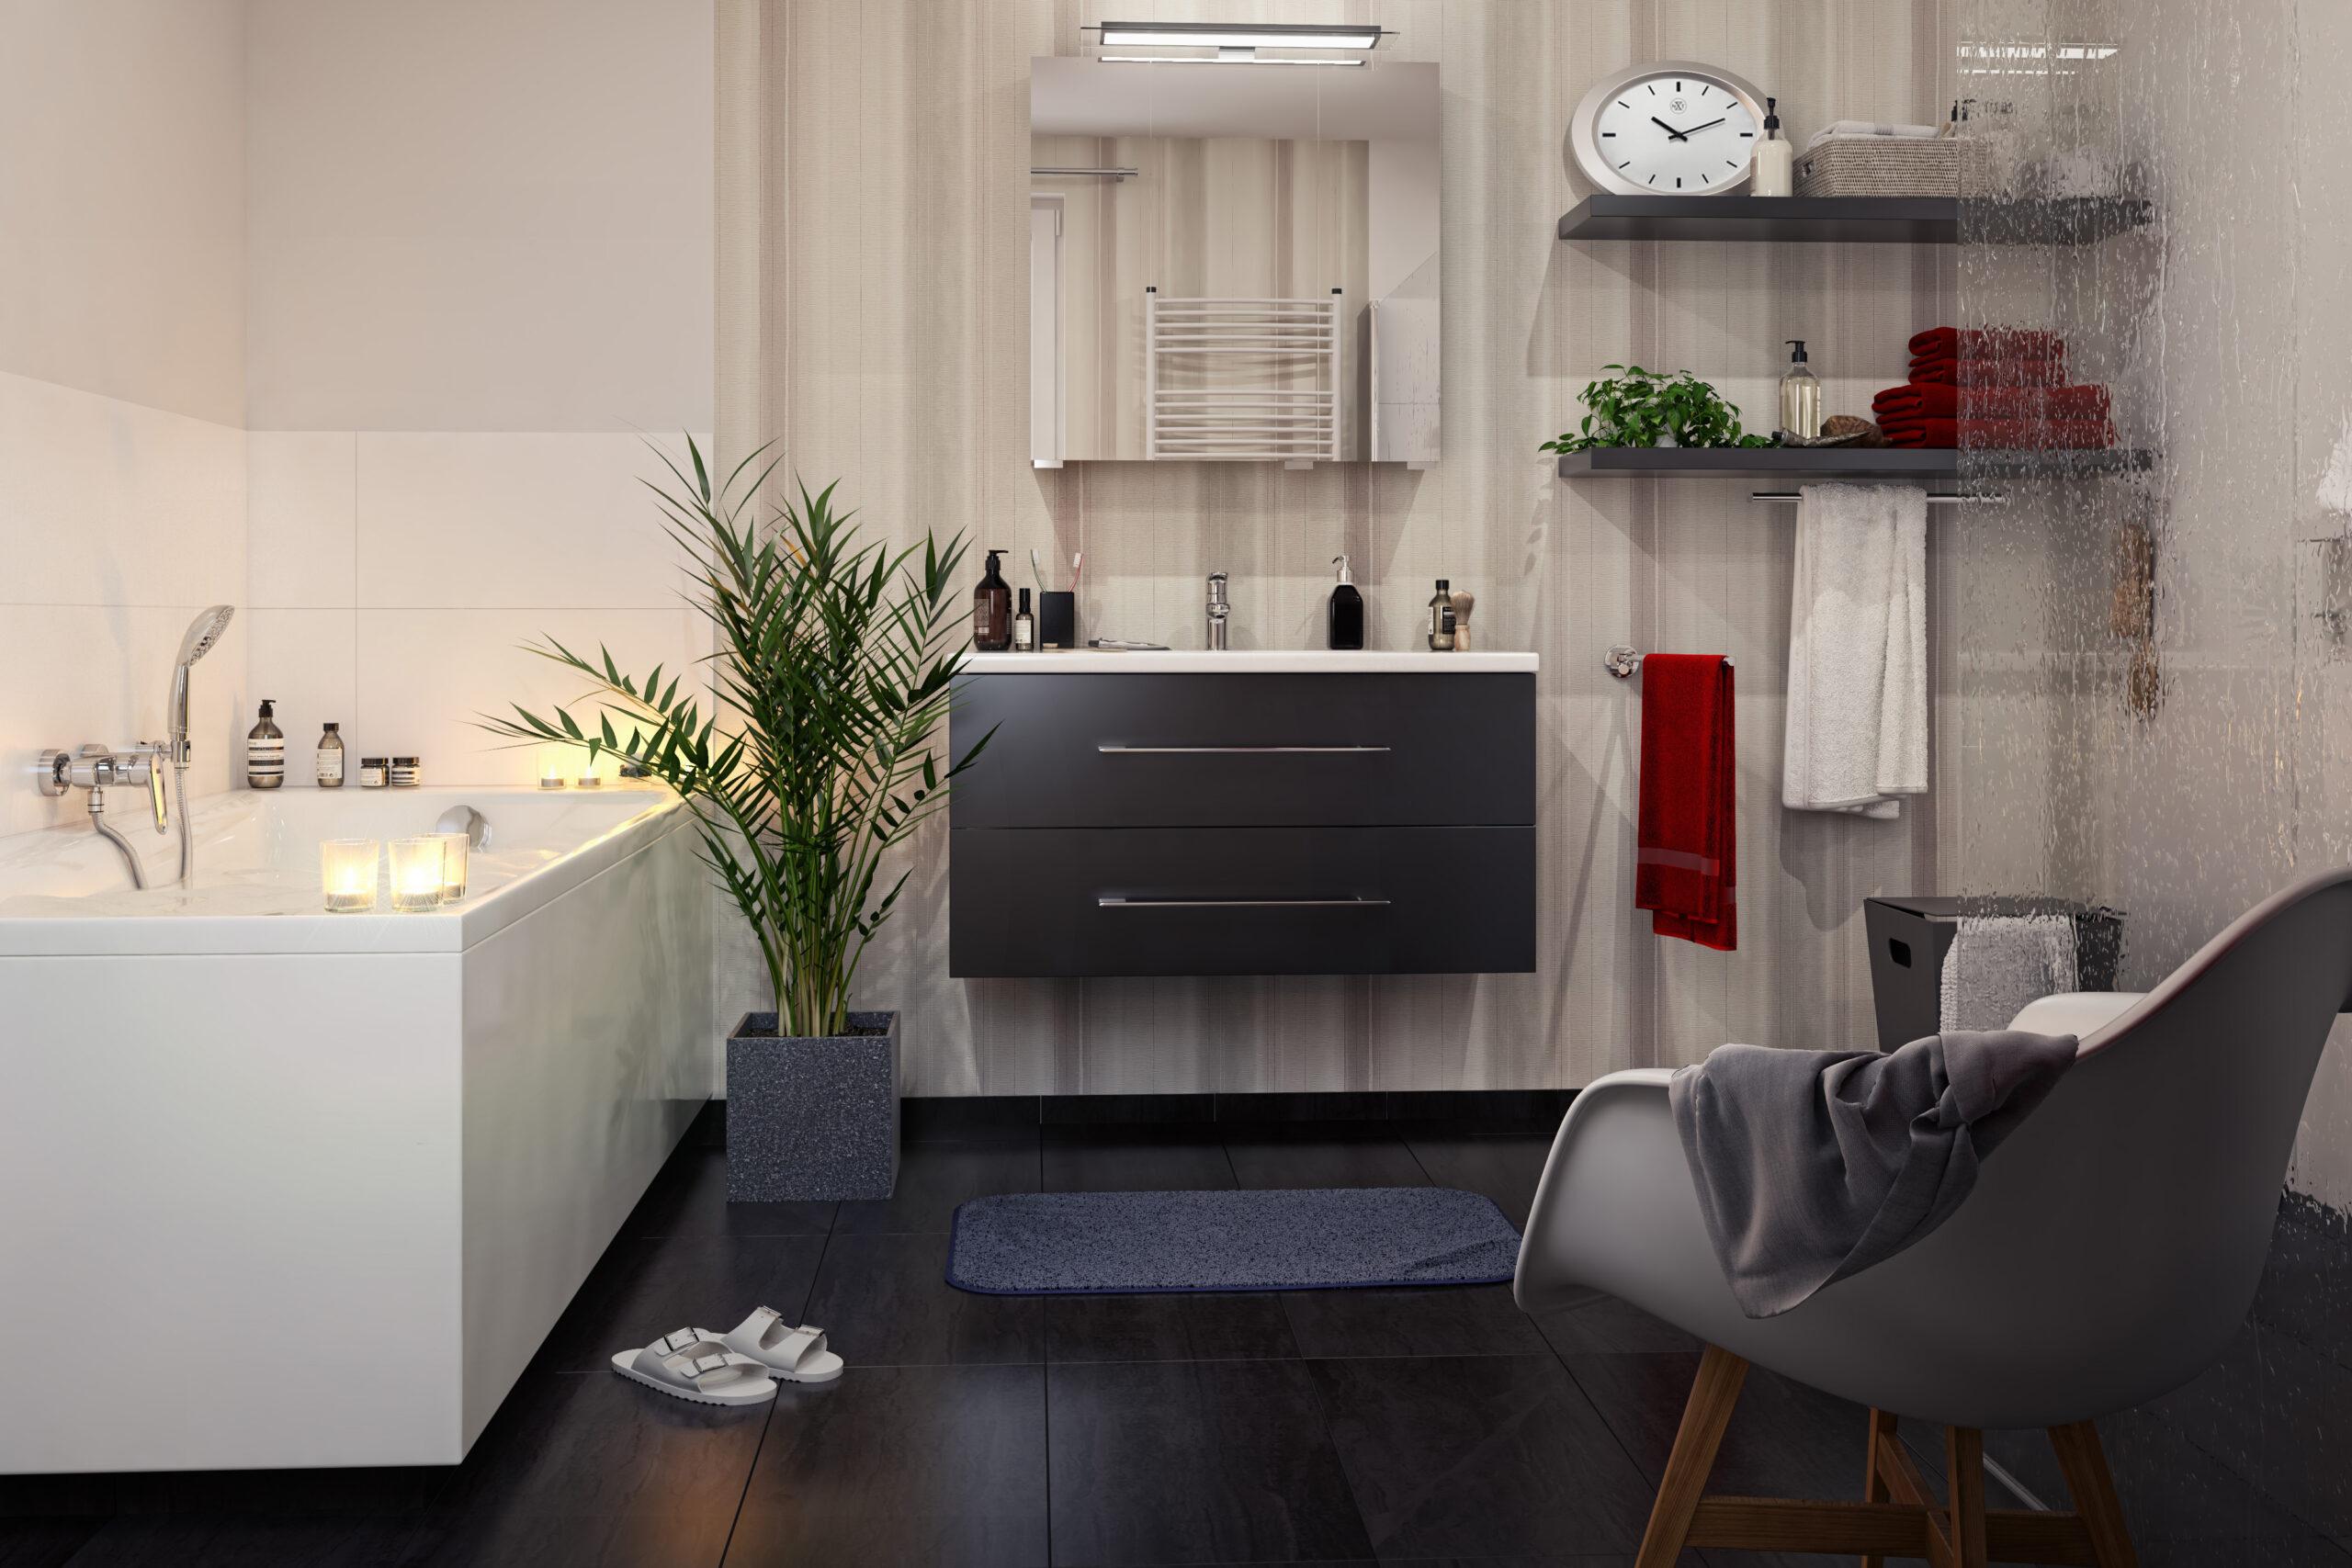 Full Size of Silikonfugen Entfernen Erneuern In 6 Schritten Obi Fenster Kosten Bad Wohnzimmer Fensterfugen Erneuern